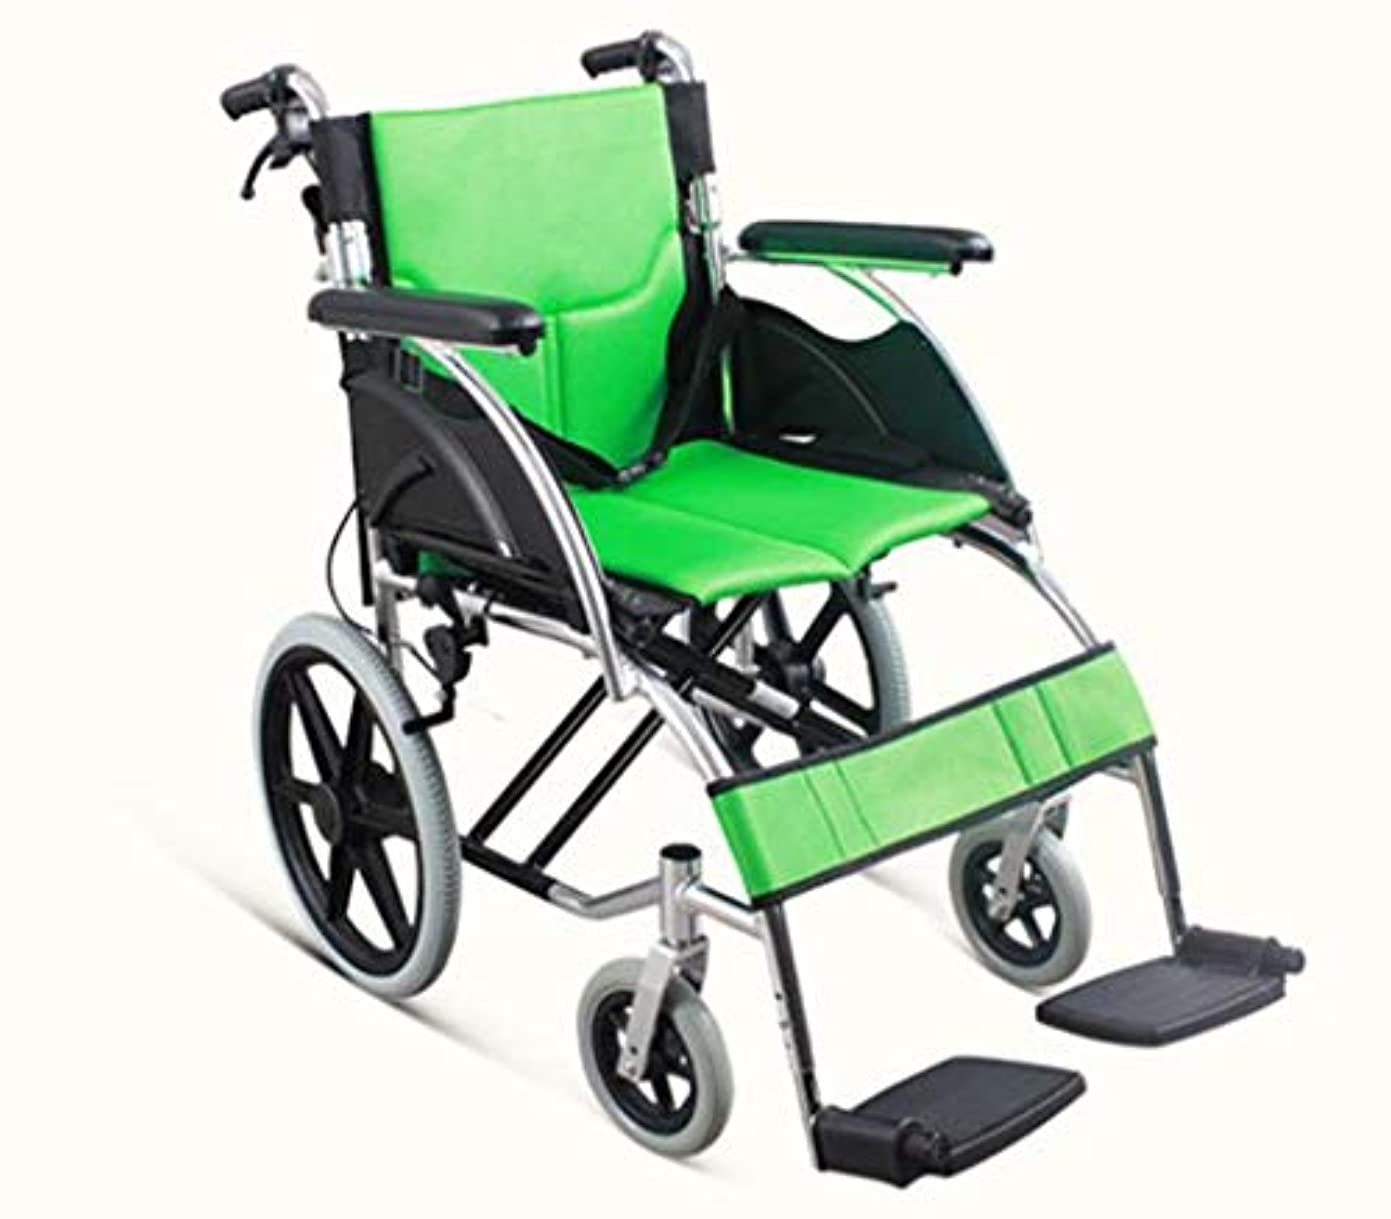 似ている魂評判手動車椅子折りたたみ式、ポータブル車椅子高強度アルミニウム合金ブラケット、屋外旅行高齢者車椅子に適しています